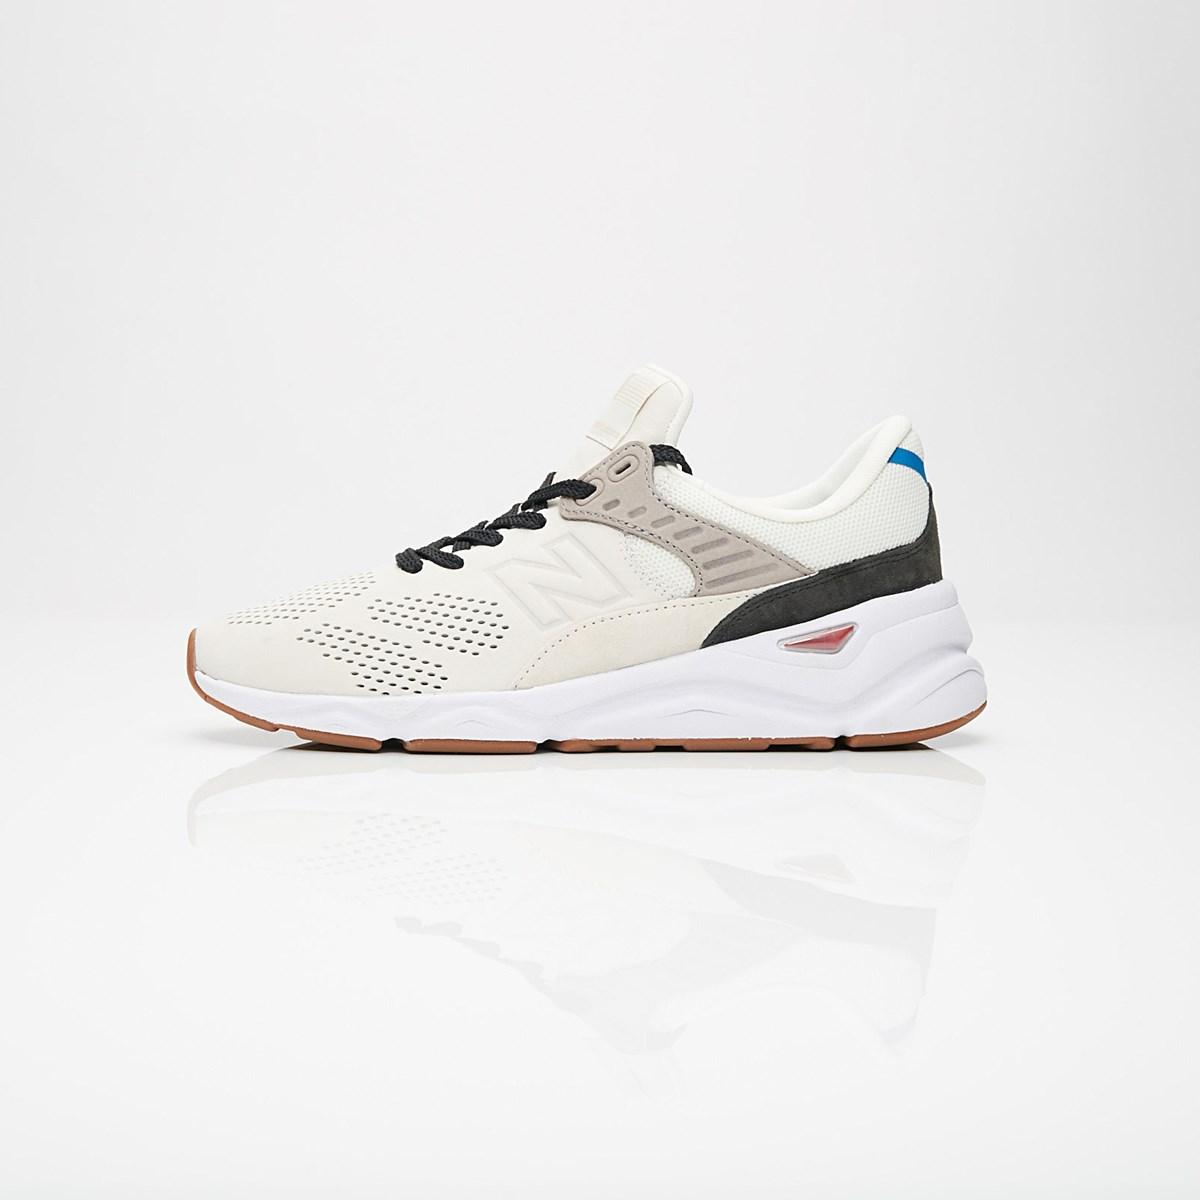 New Balance MSX90 Msx90wg Sneakersnstuff I Sneakers & Streetwear online seit 1999